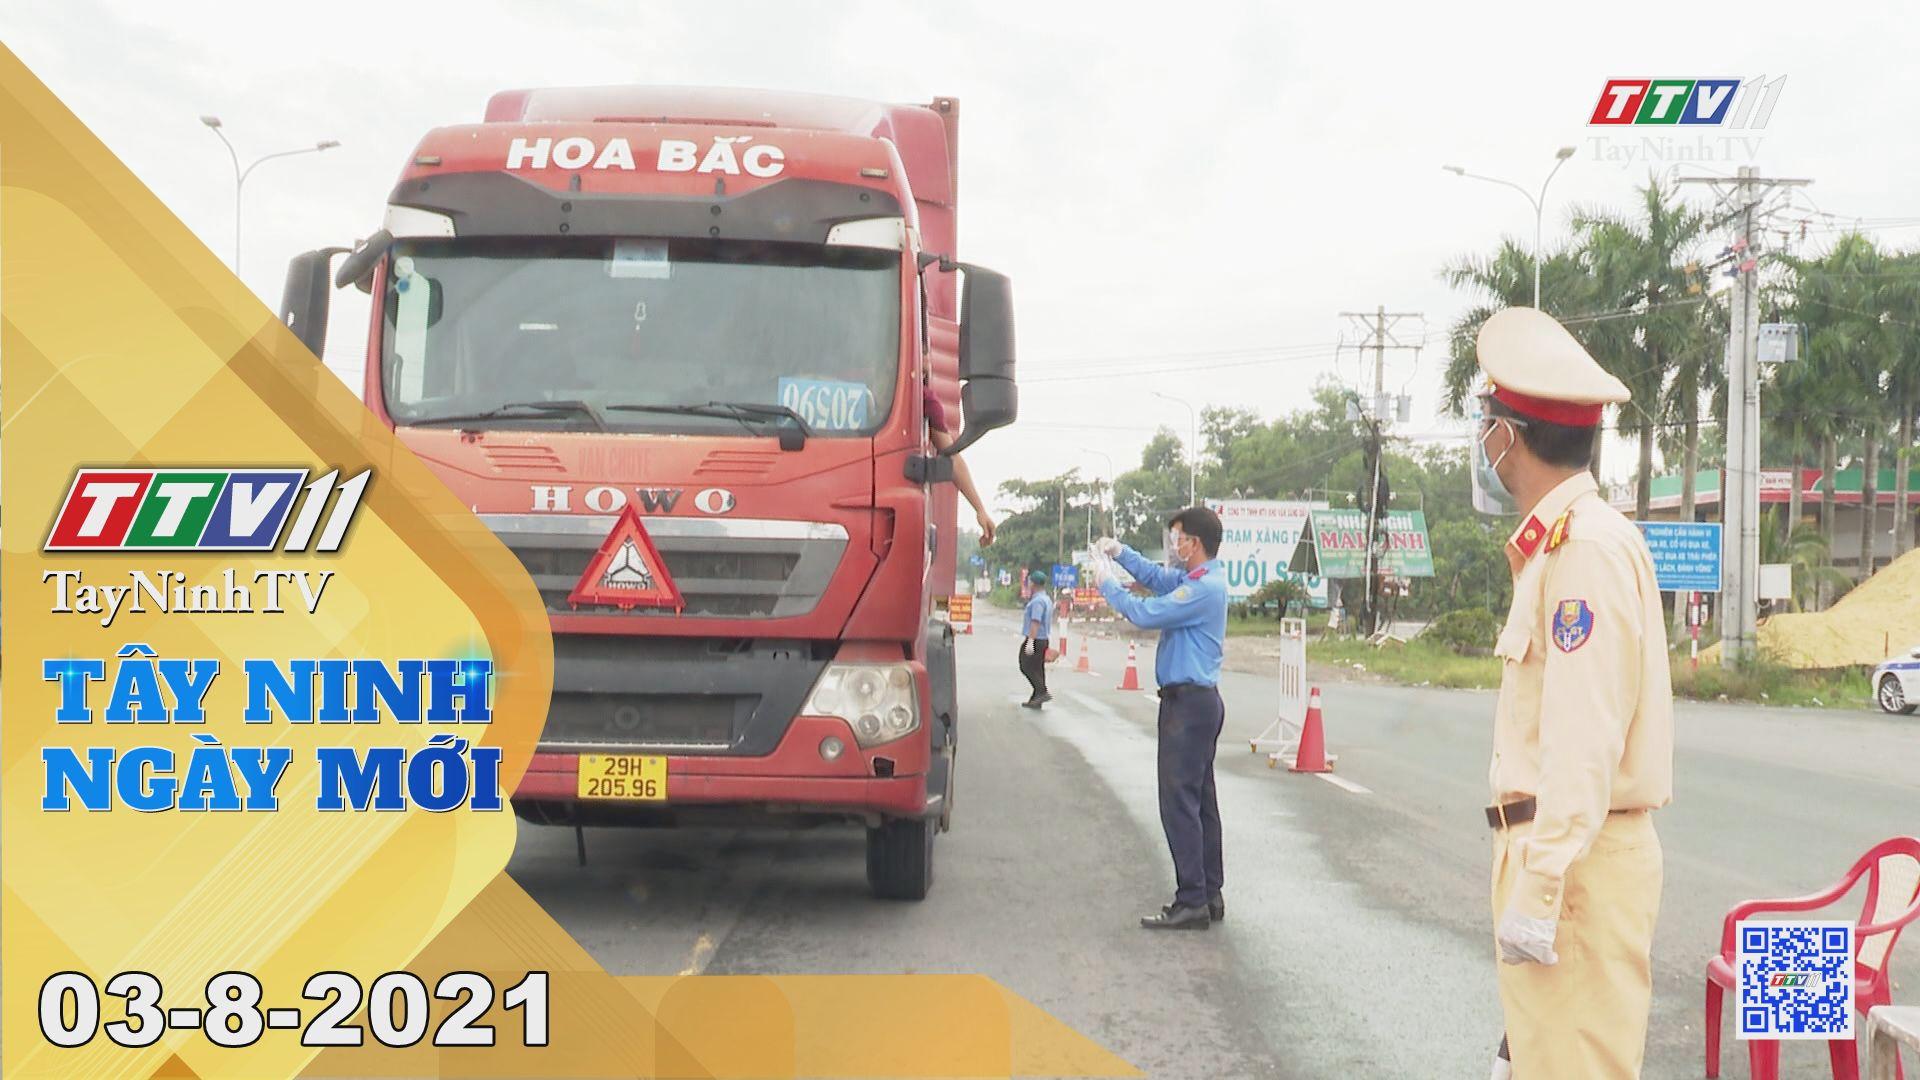 Tây Ninh Ngày Mới 03-8-2021   Tin tức hôm nay   TayNinhTV